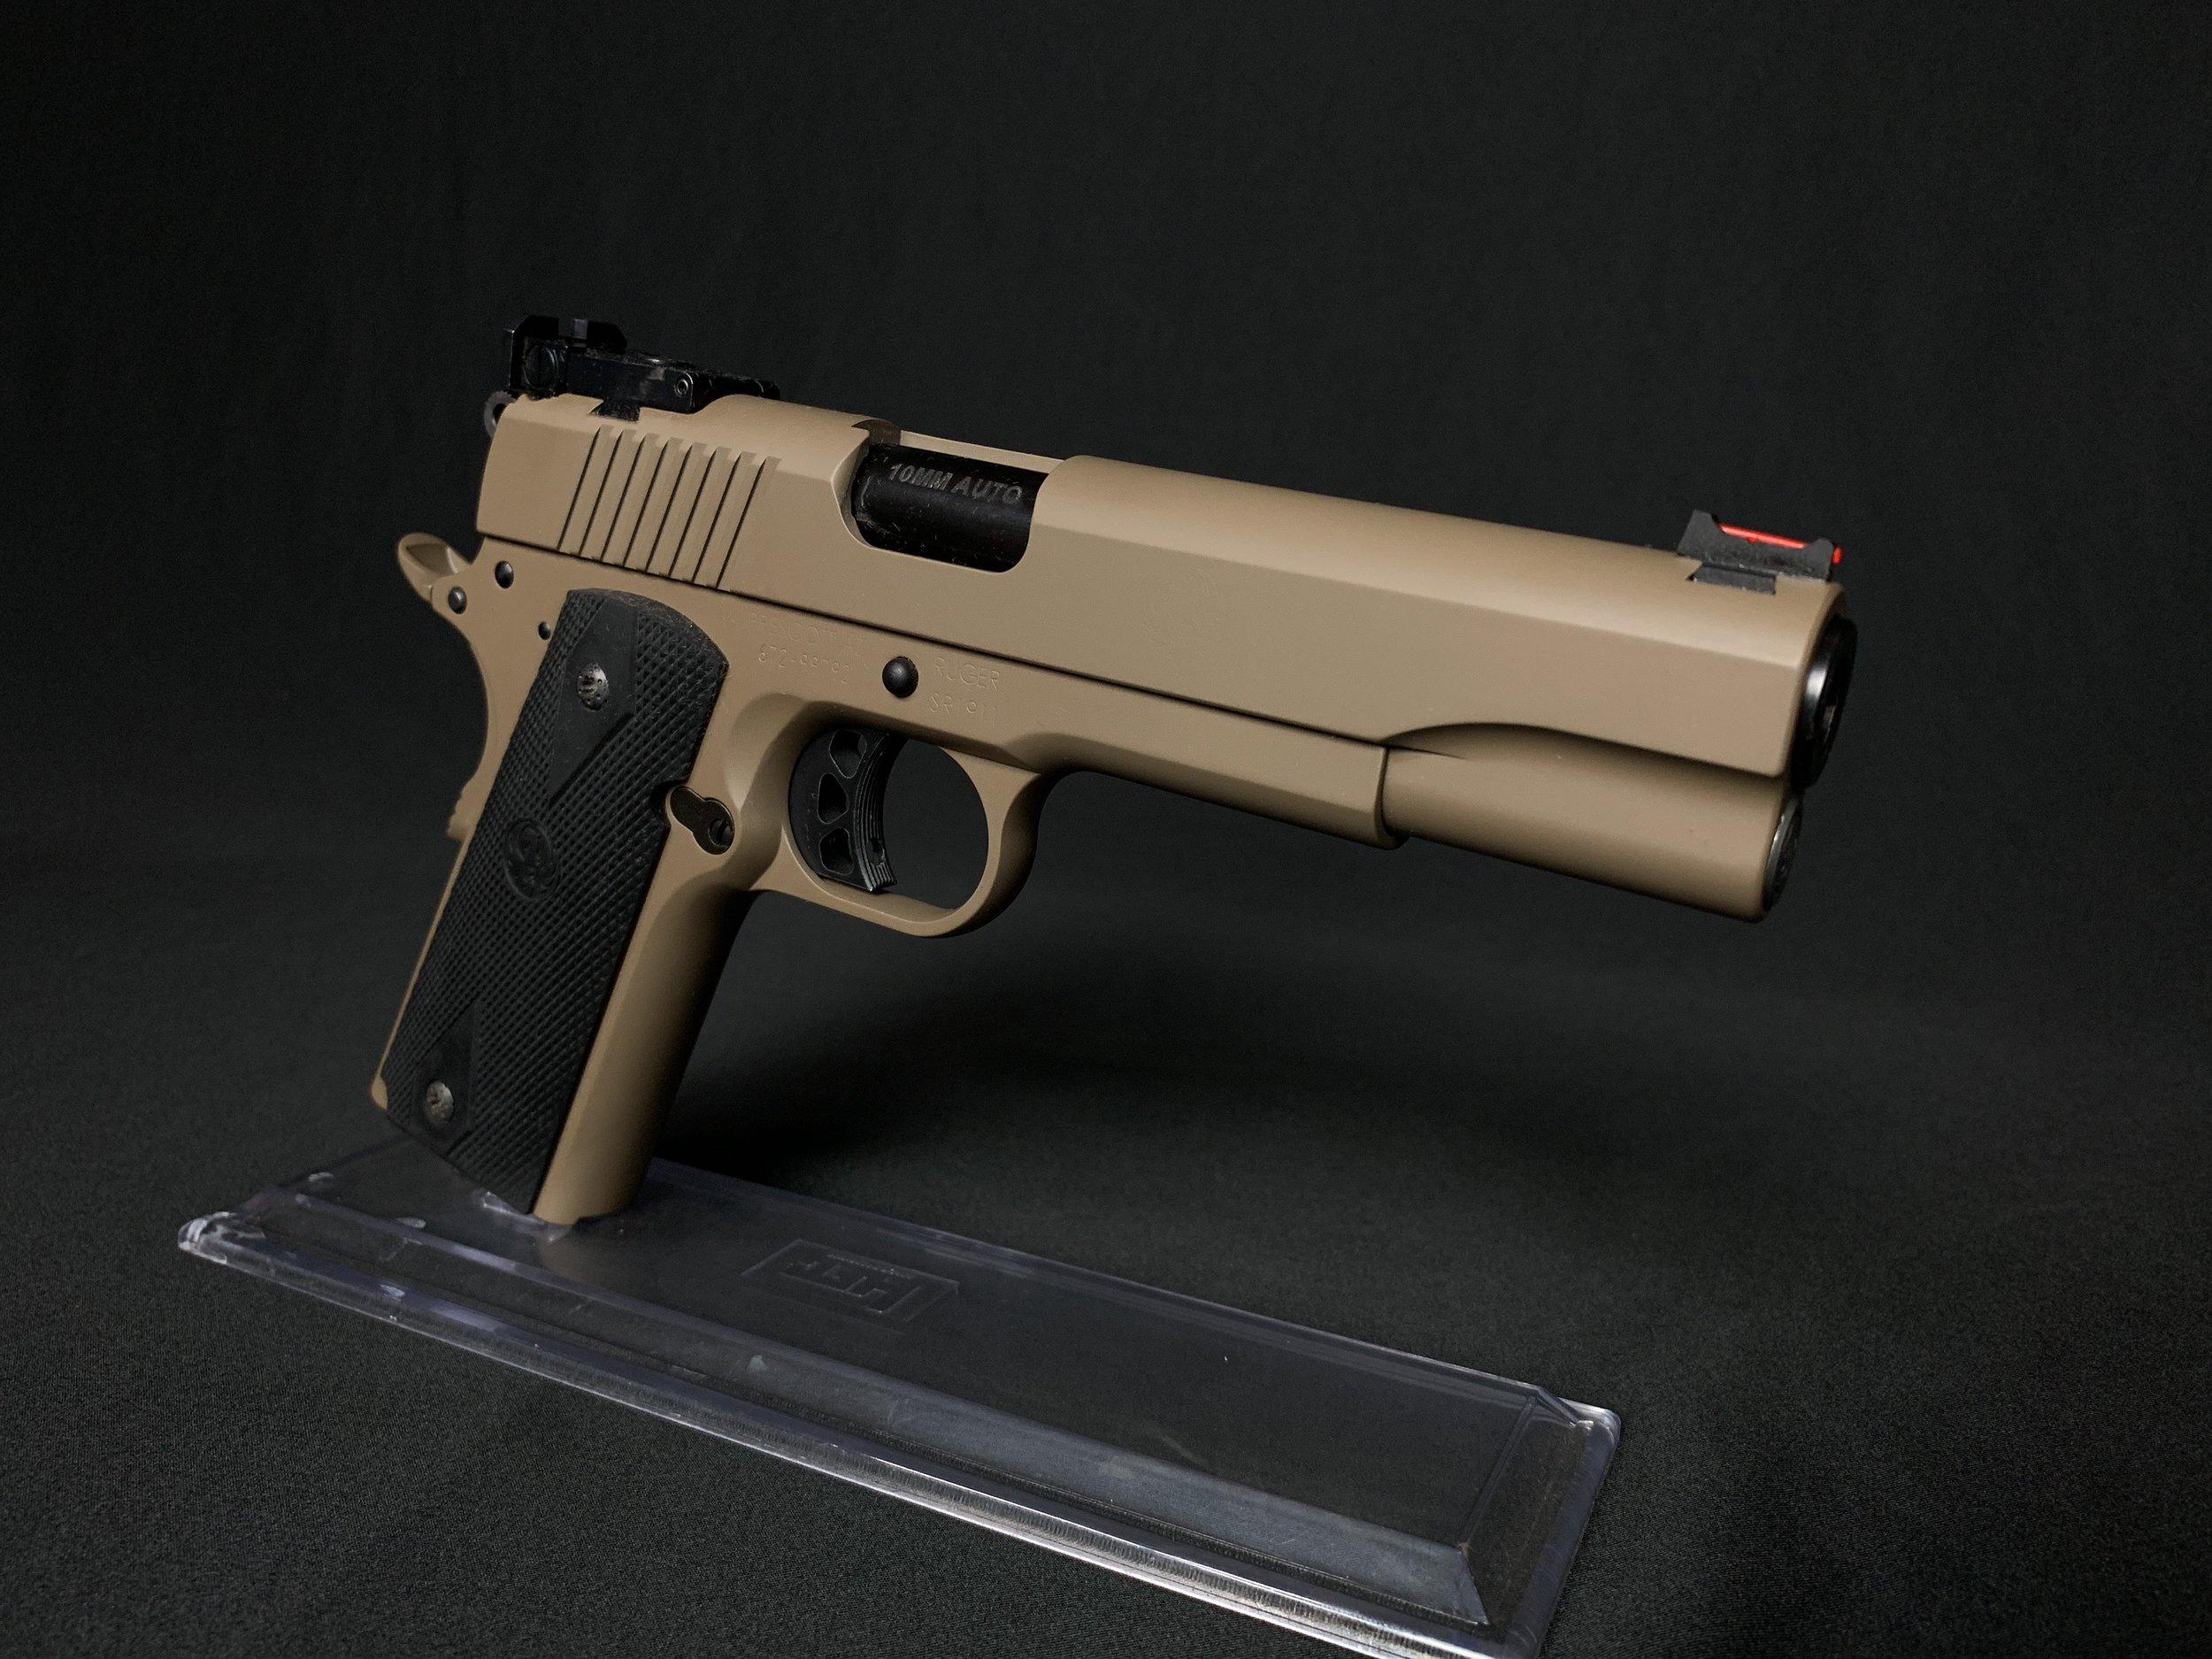 COYOTE M17 TAN E-170